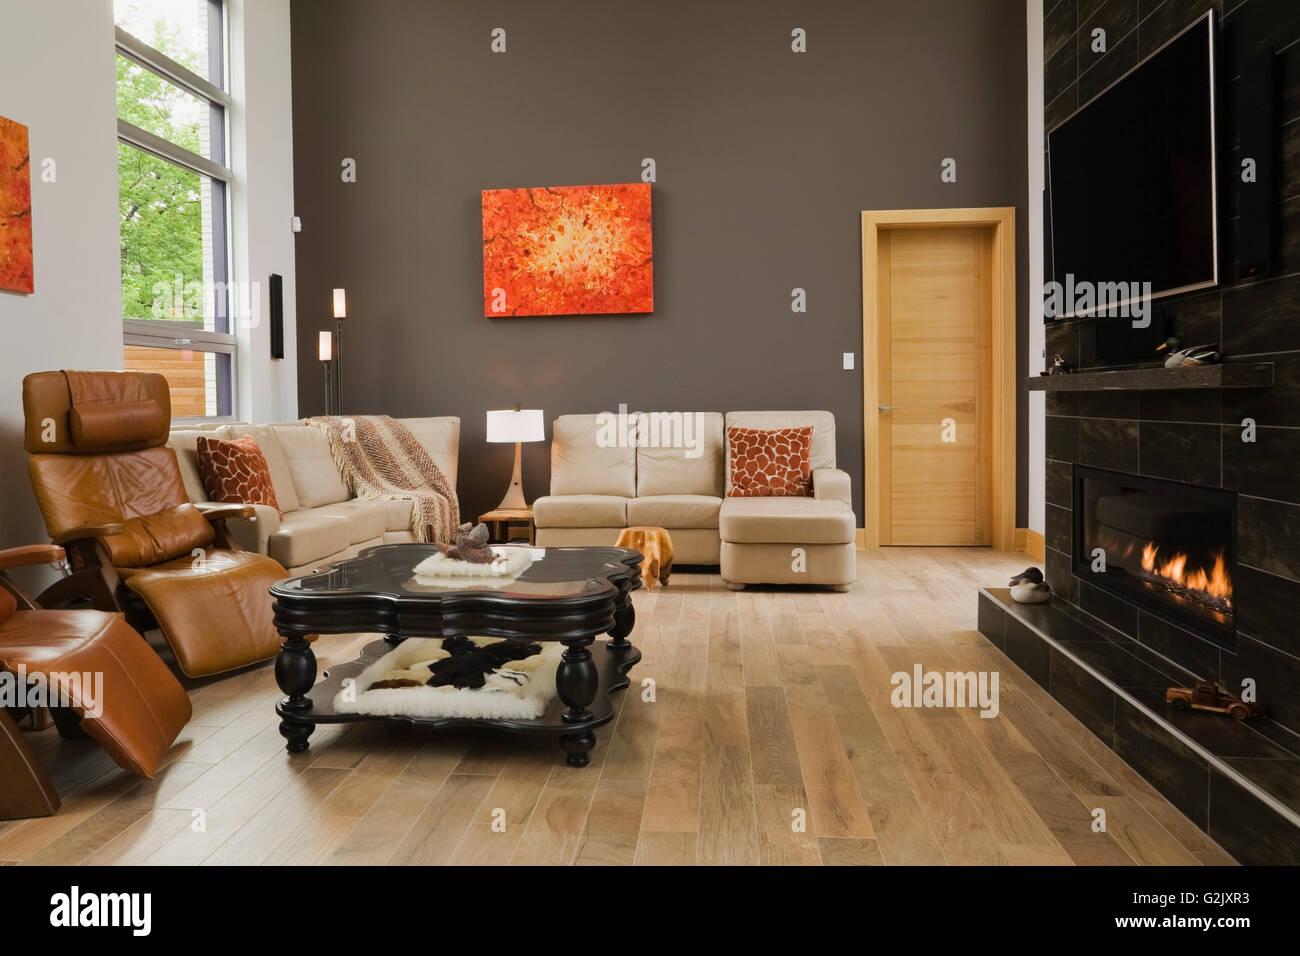 Charmant Braun Leder Hoher Lehne Sitzend Stühle Schwarz Beige Sofas Couchtisch Aus  Holz Beleuchtet Gas Kamin Im Wohnzimmer In Eine Moderne